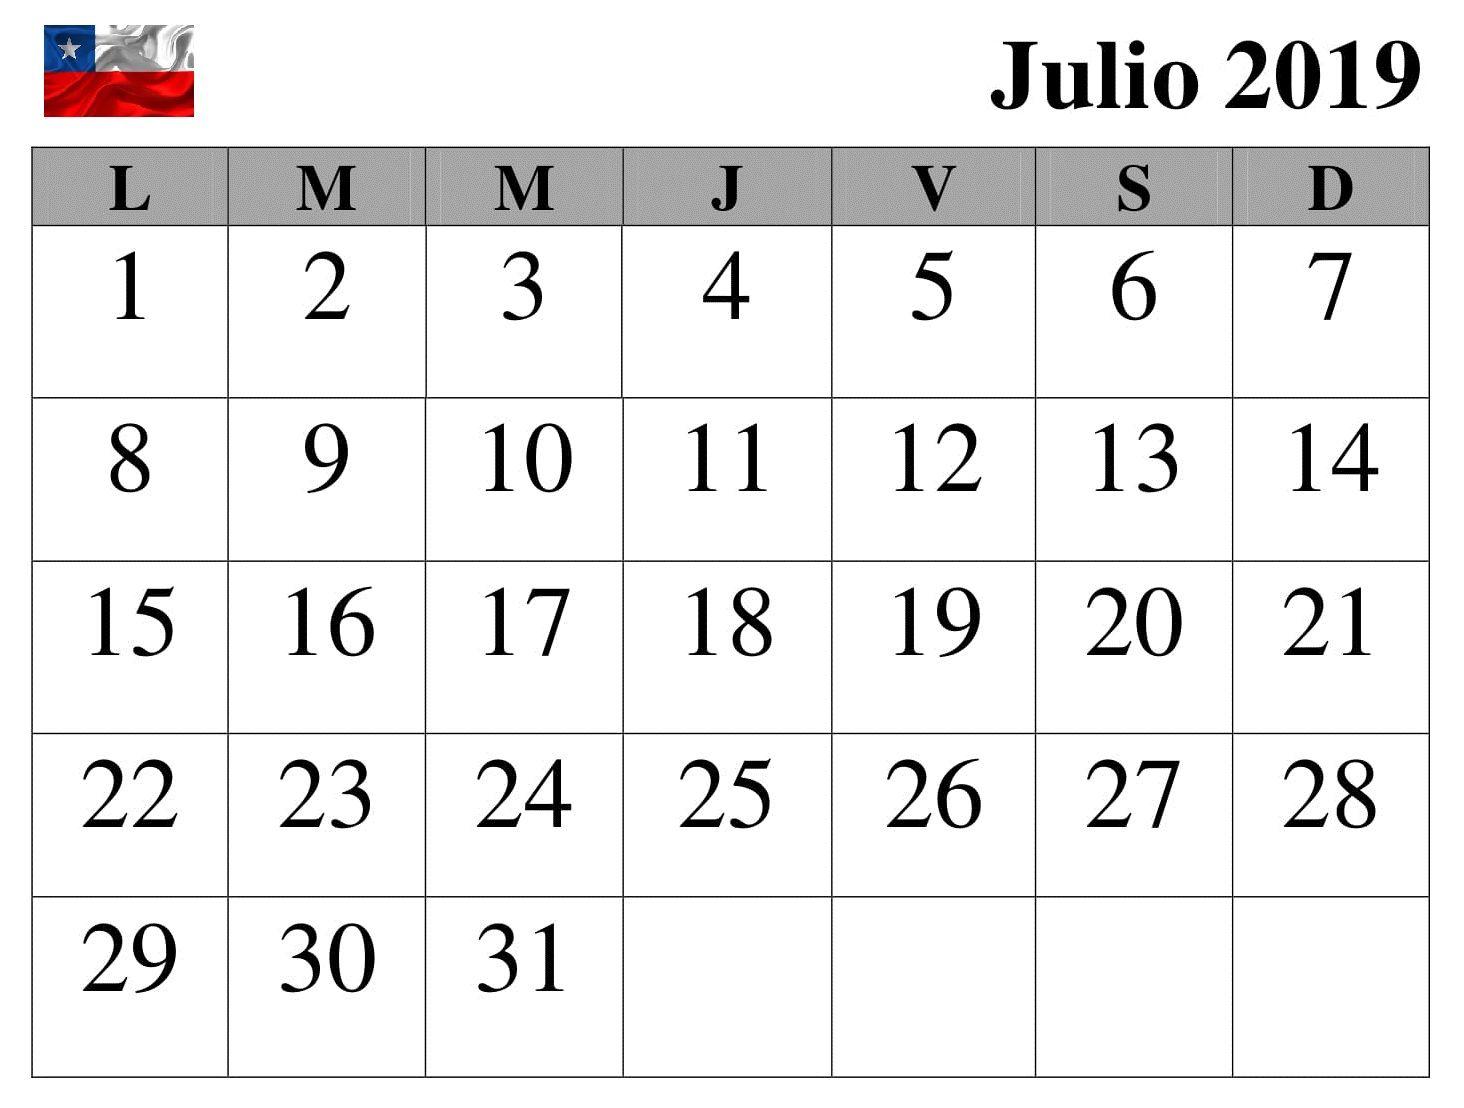 Julio Calendario 2019.Top 10 Punto Medio Noticias Calendario Mes Julio 2019 Excel